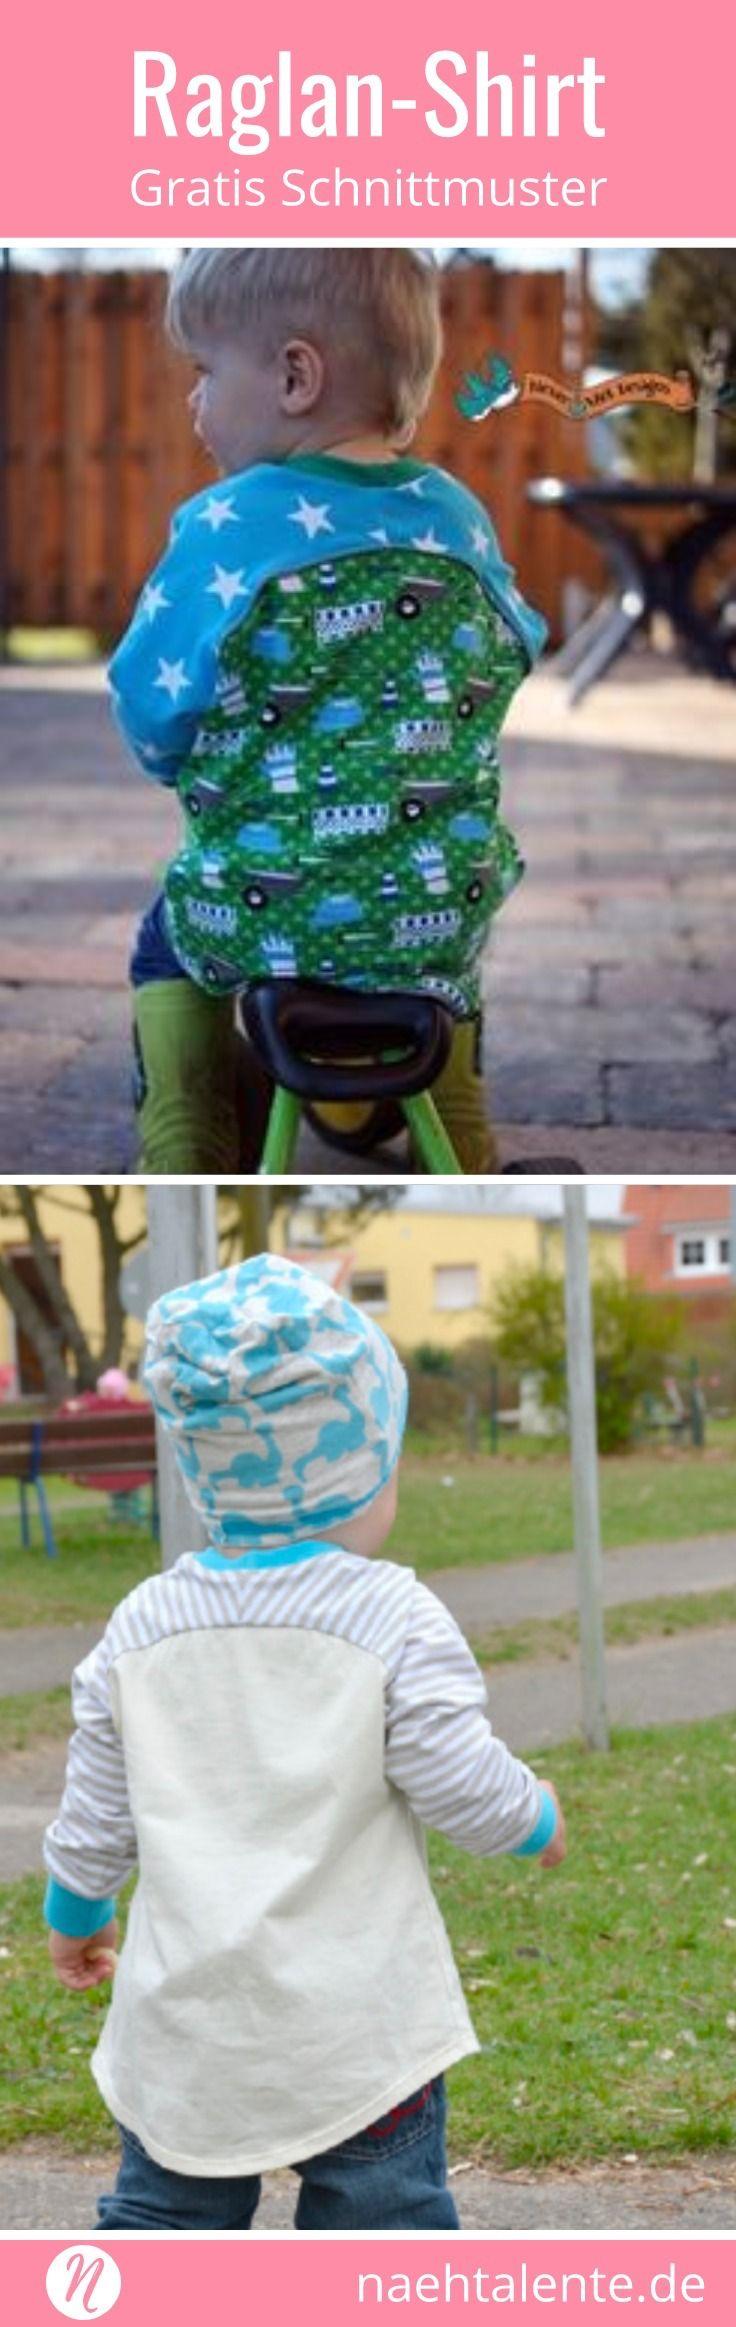 Freebook Raglan-Shirt für Kinder in Gr. 86 - 98. Hübsches Schnittmuster für Color-Blocking-Effekte. Geniale Nähanleitung, auch für Anfänger geeignet. #nähen #freebook #schnittmuster #gratis #nähenmachtglücklich #freesewingpattern #handmade #diy